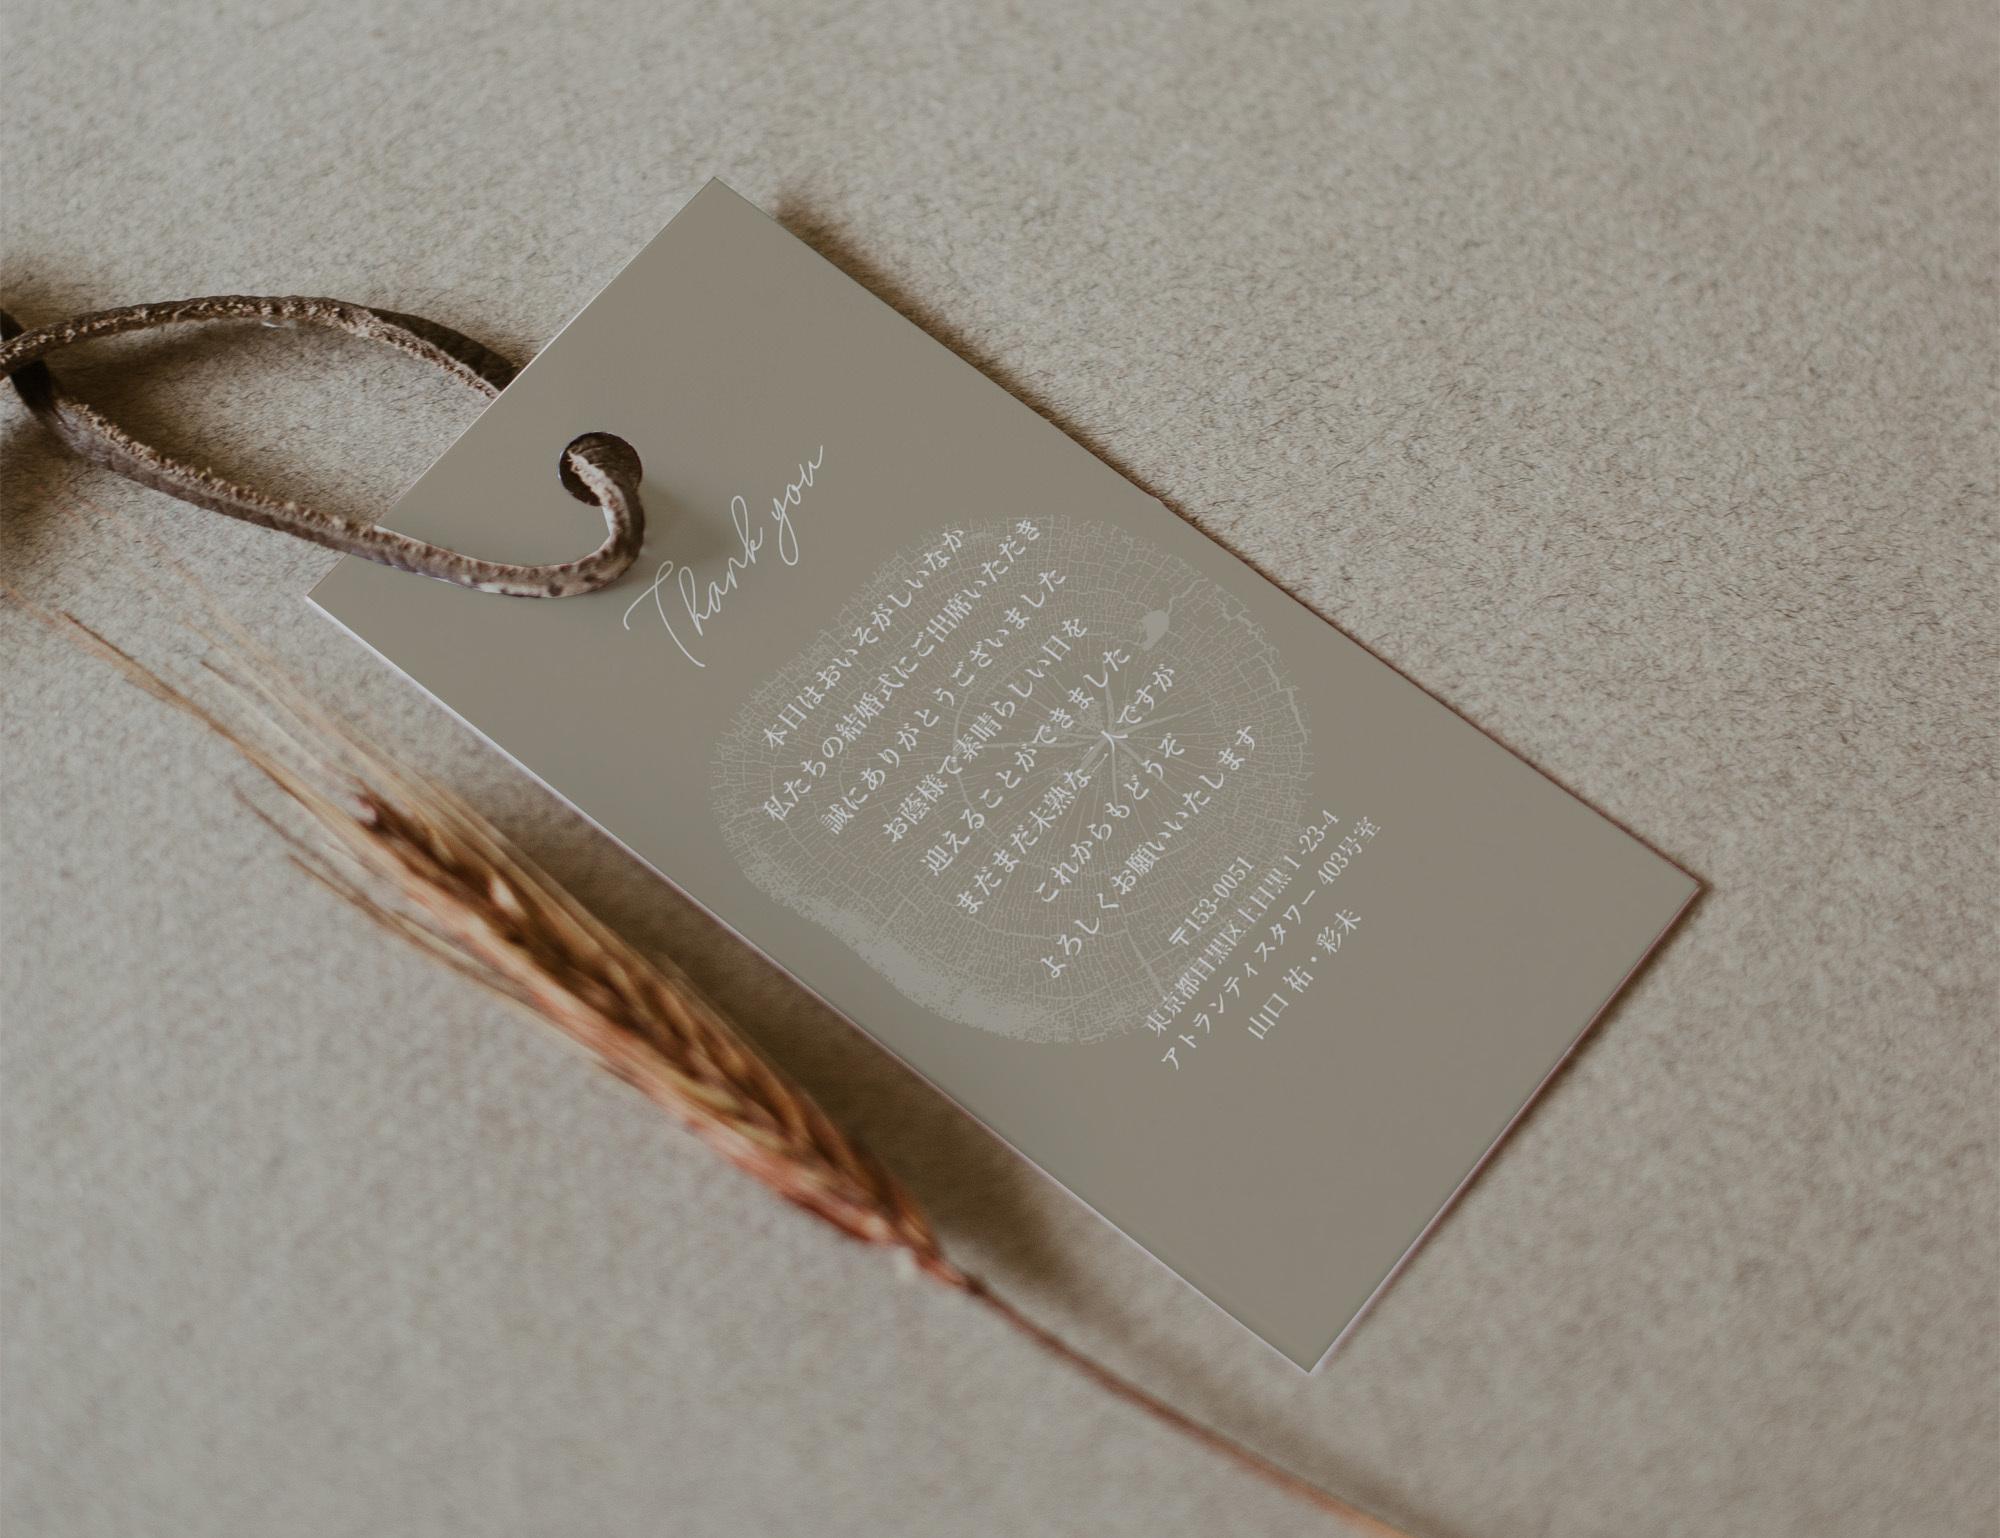 47円~/枚 サンキューカード 印刷代込 【年輪】│結婚式 ウェディング